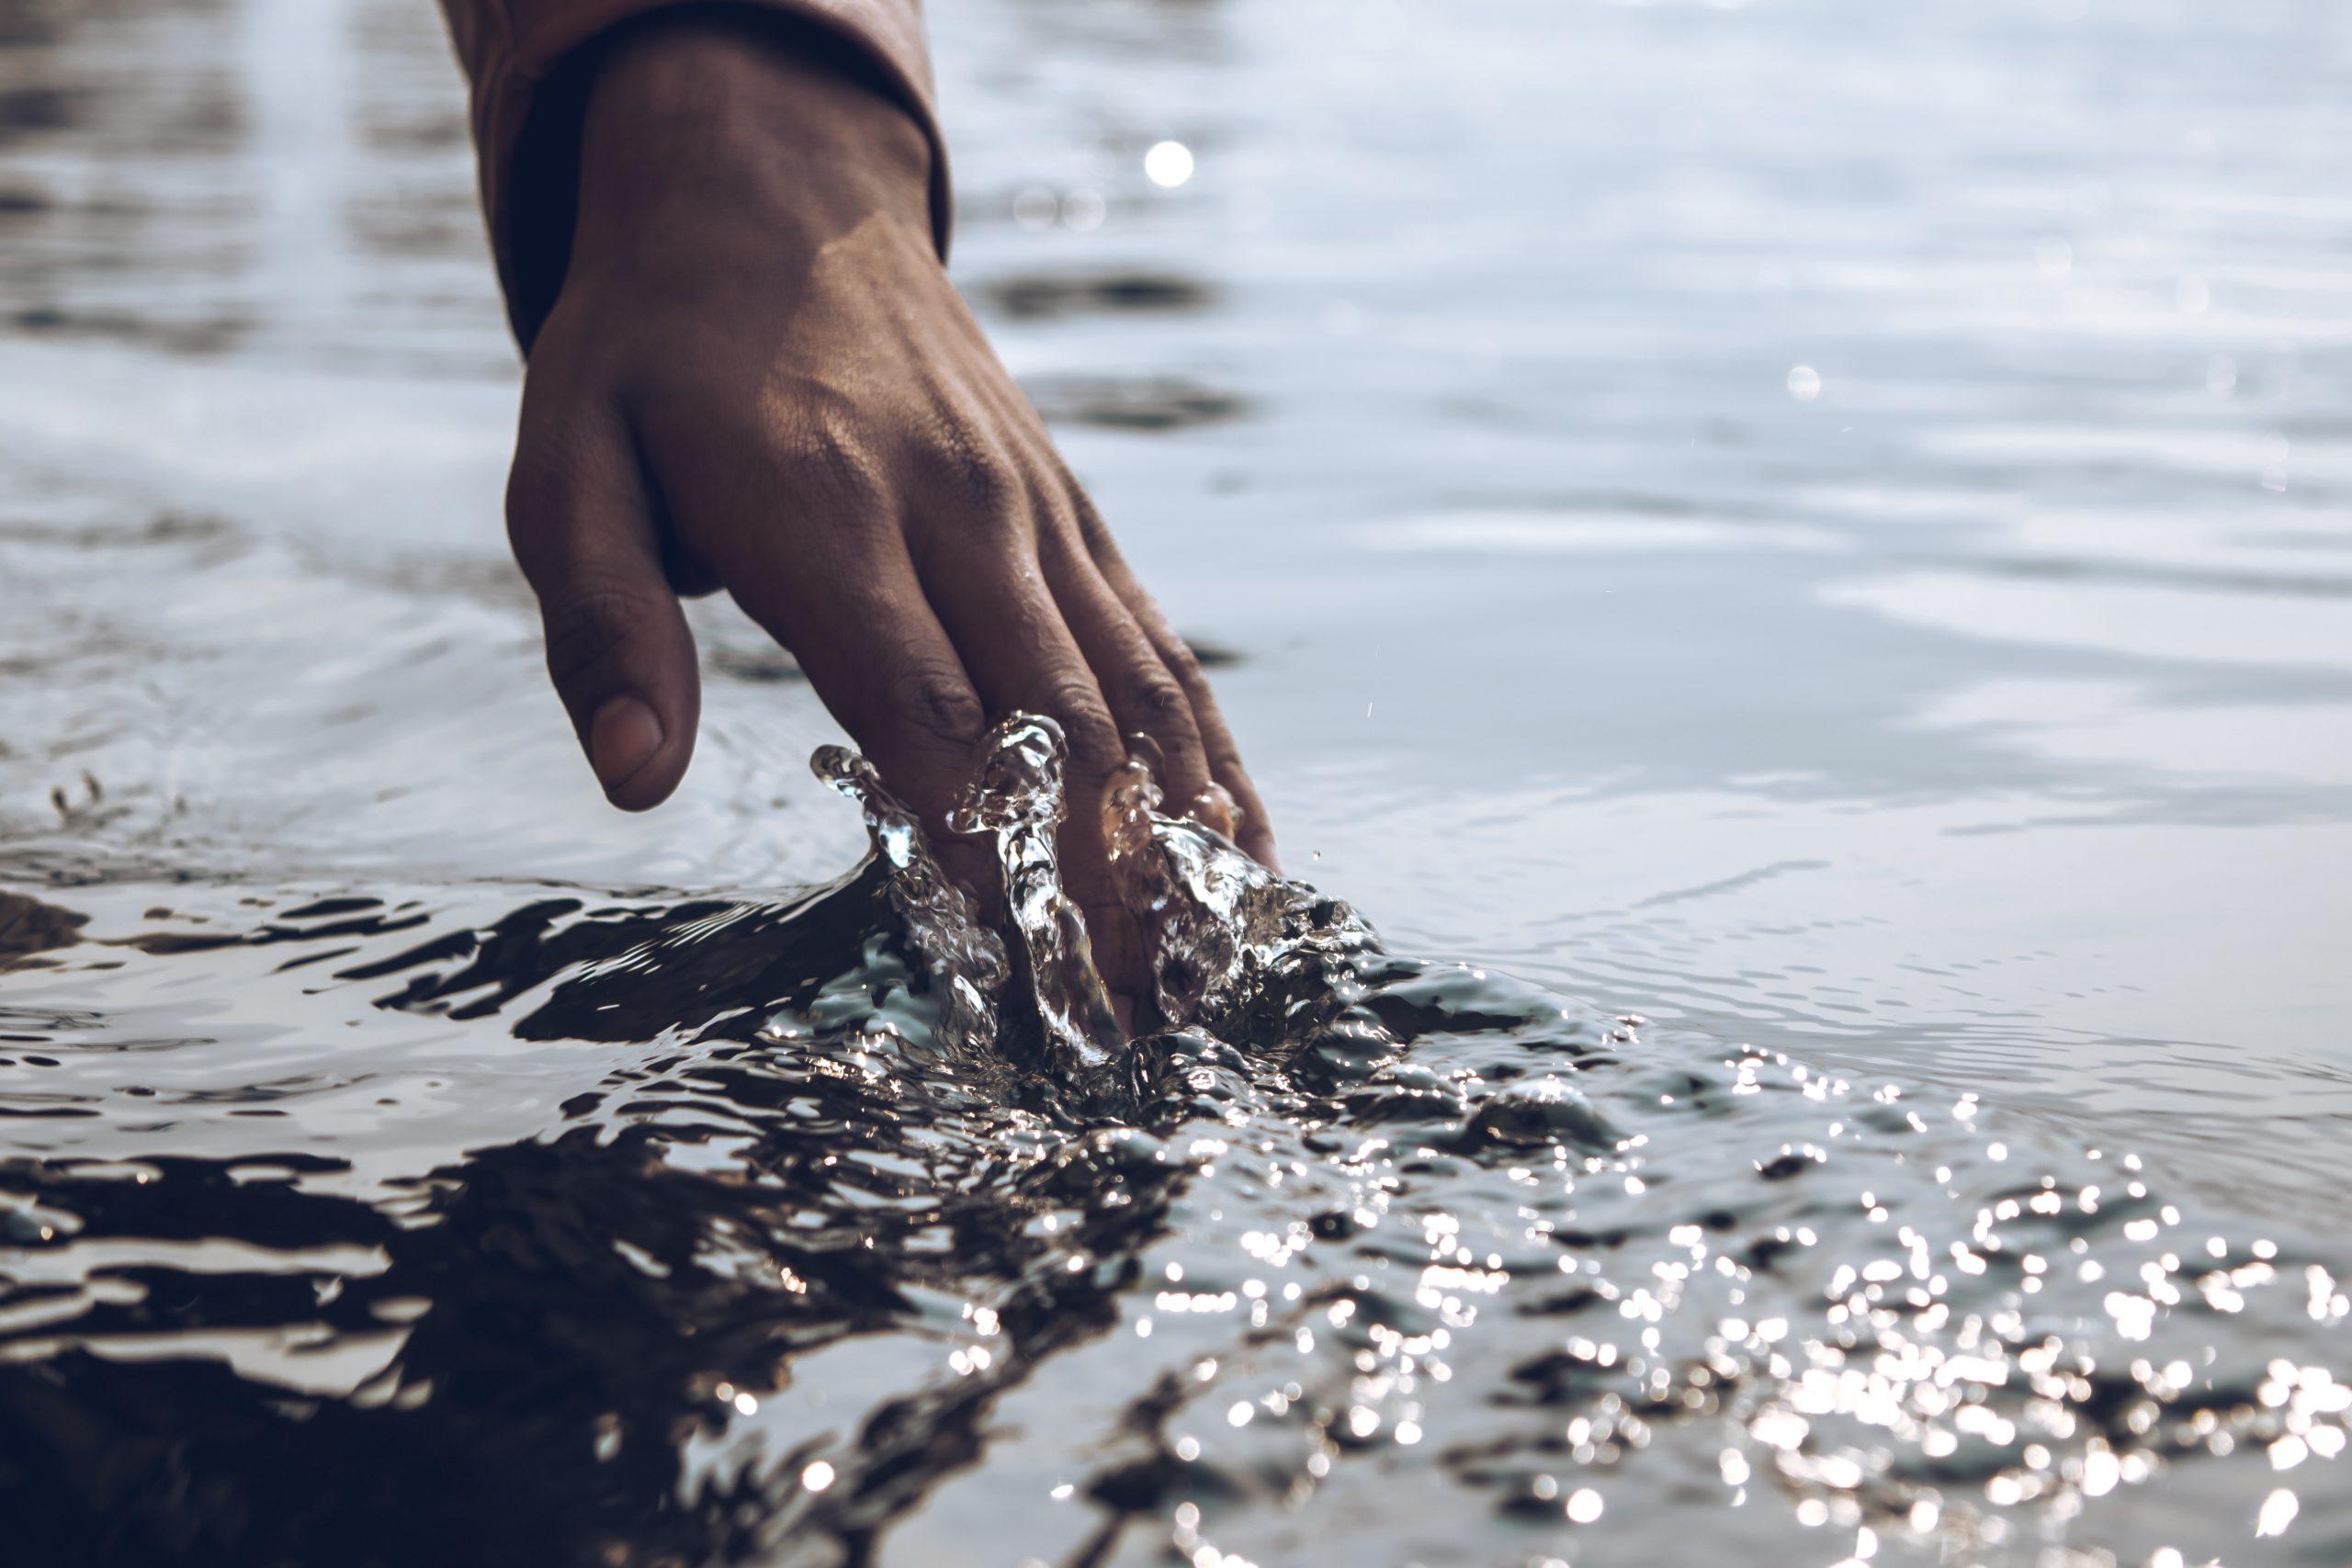 L'eau est un élément indispensable à la vie, prenez le temps de jouer avec et de sentir son contact sur votre peau.